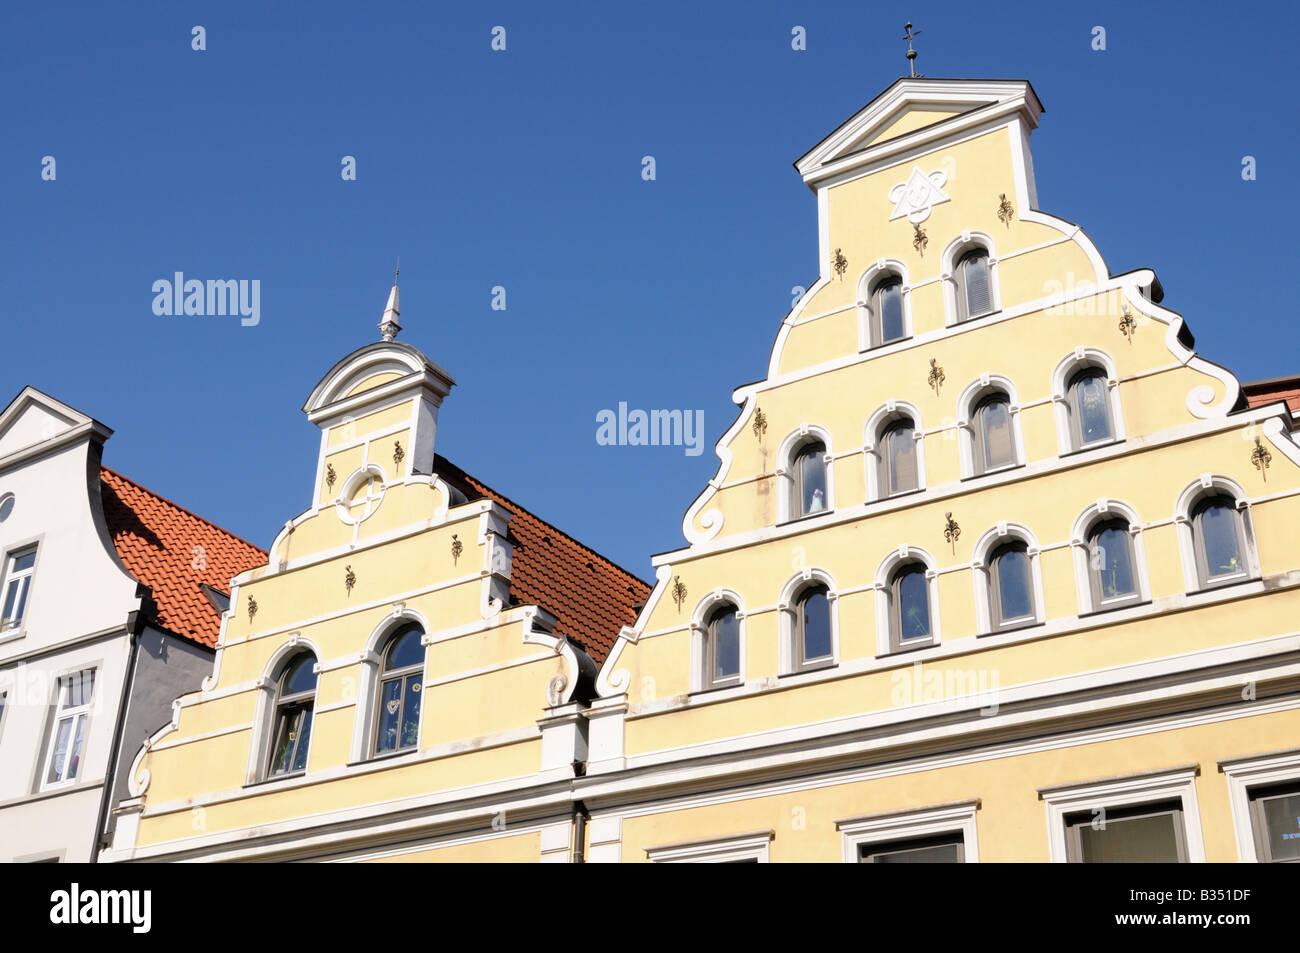 Häuserzeile in Wismar Mecklenburg Vorpommern Deutschland Row of houses in Wismar Mecklenburg Western Pomerania - Stock Image